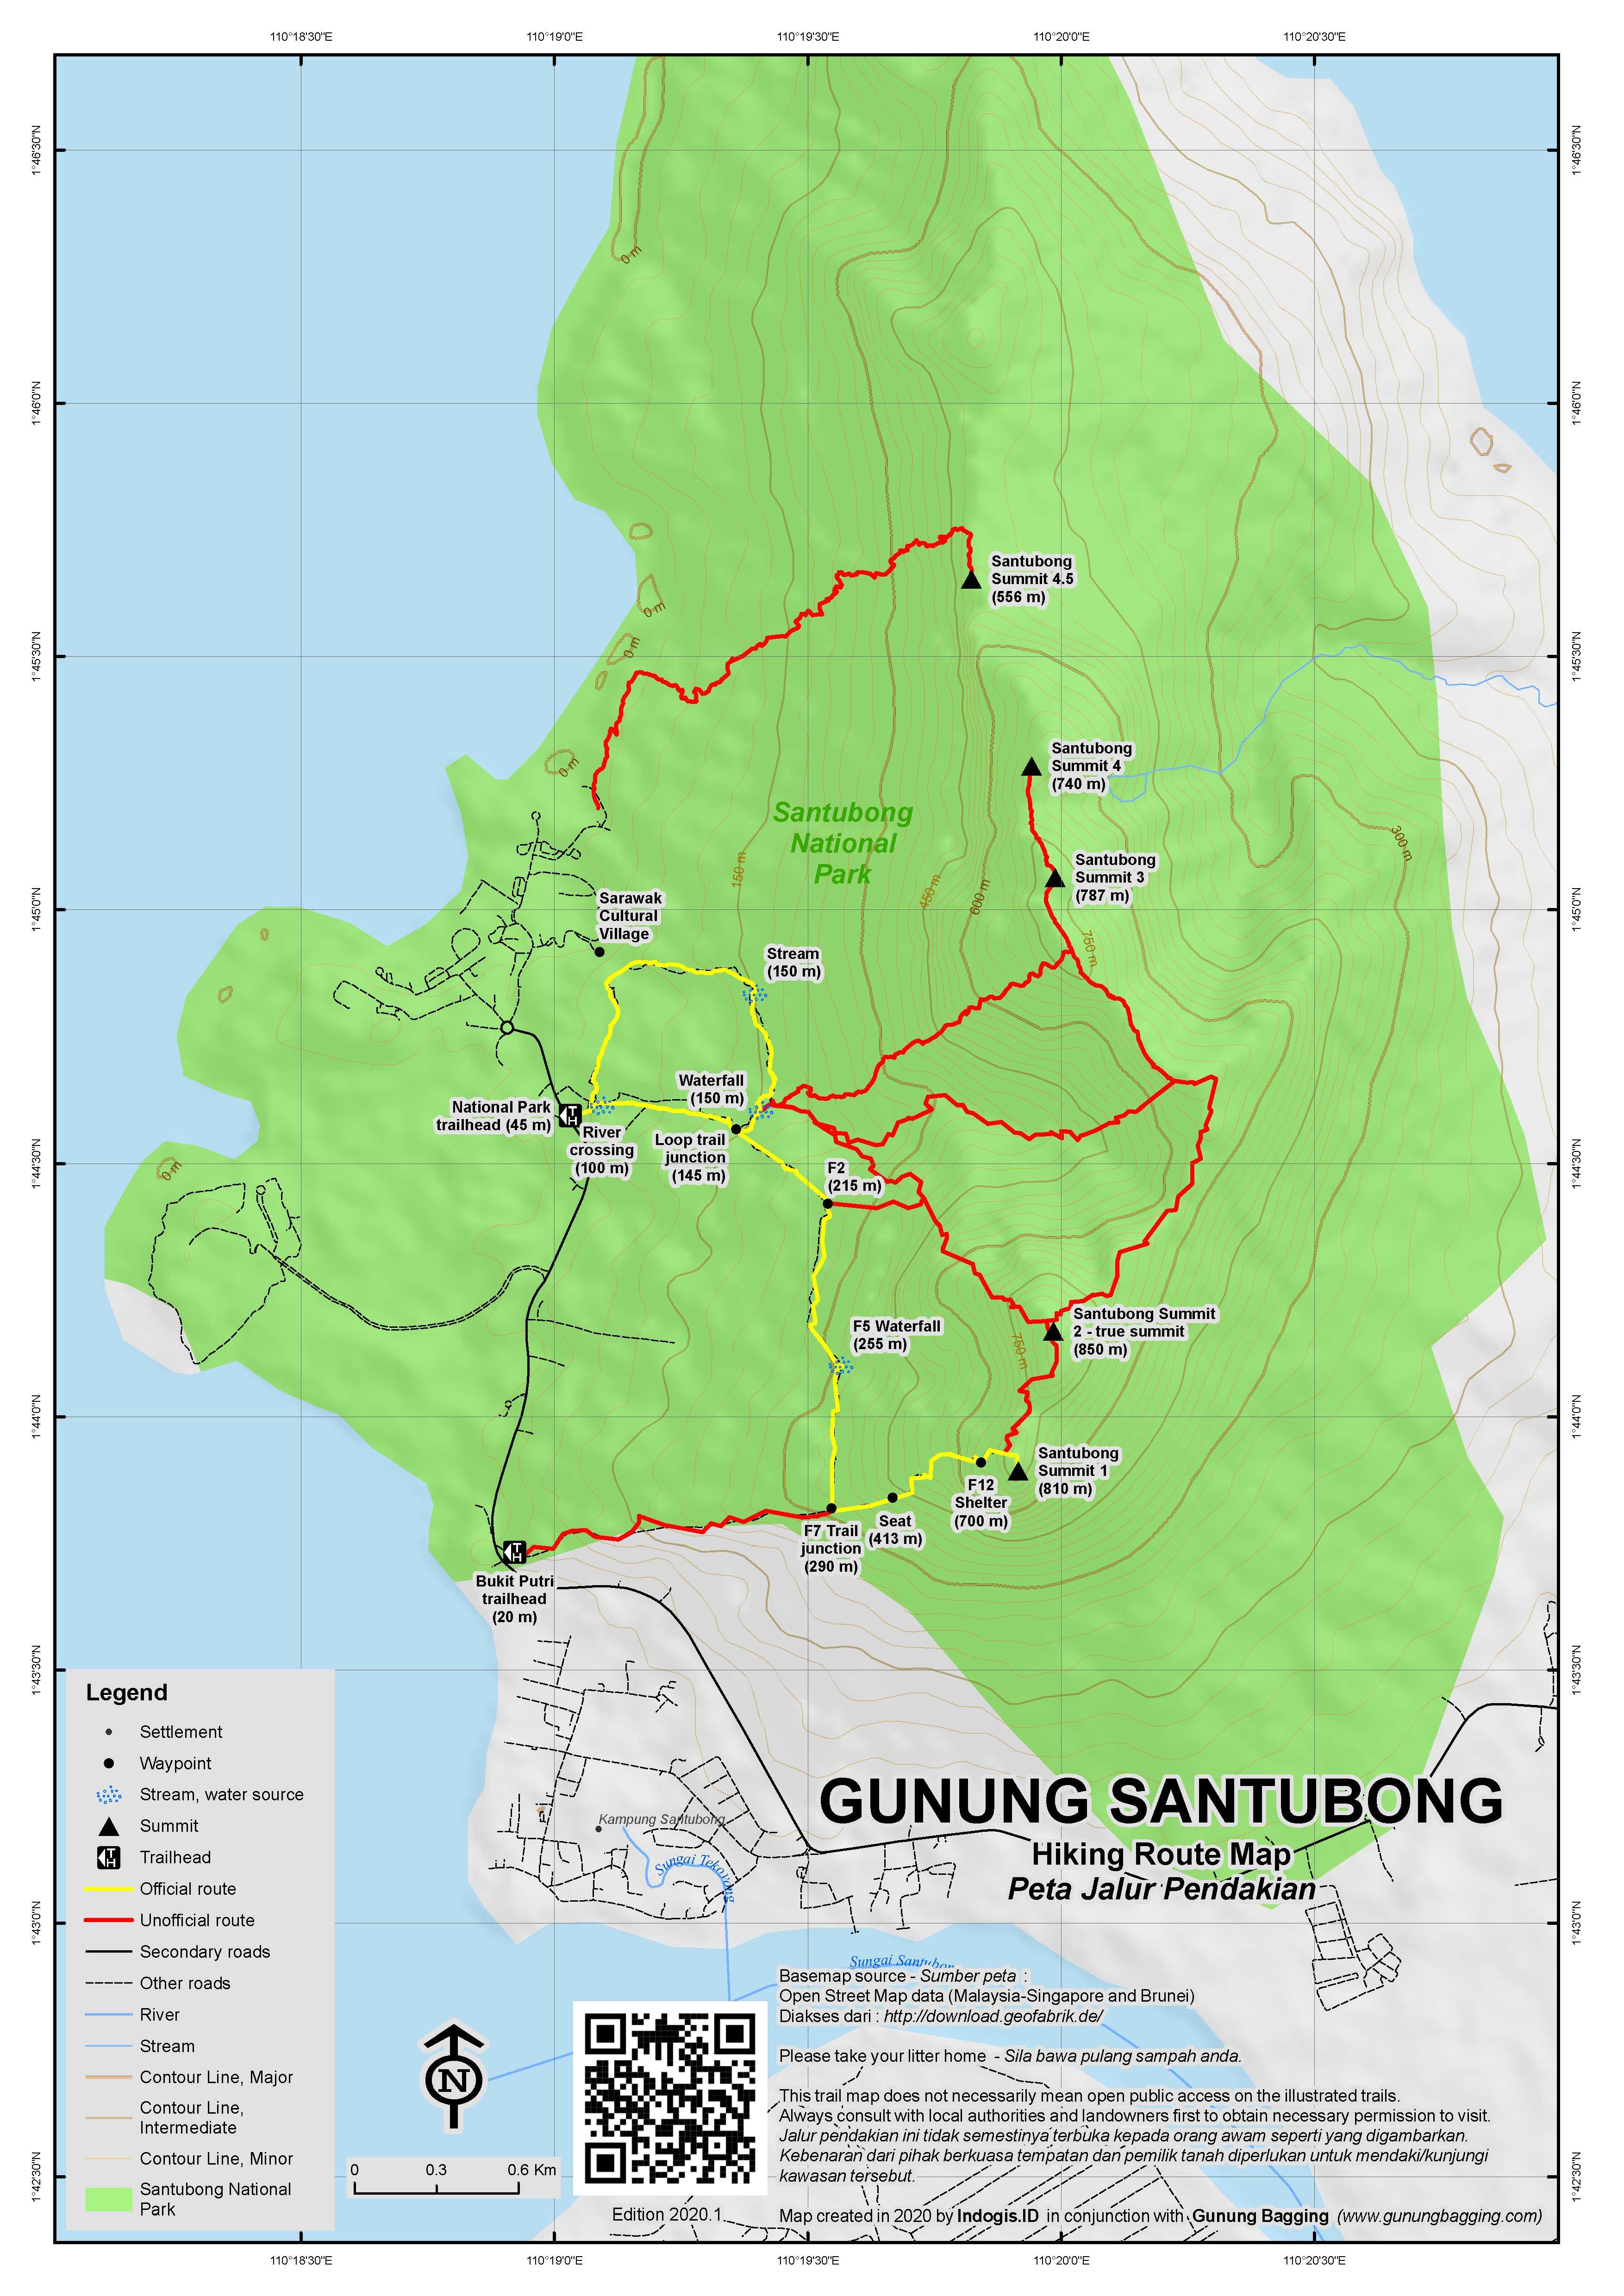 Peta Jalur Pendakian Gunung Santubong